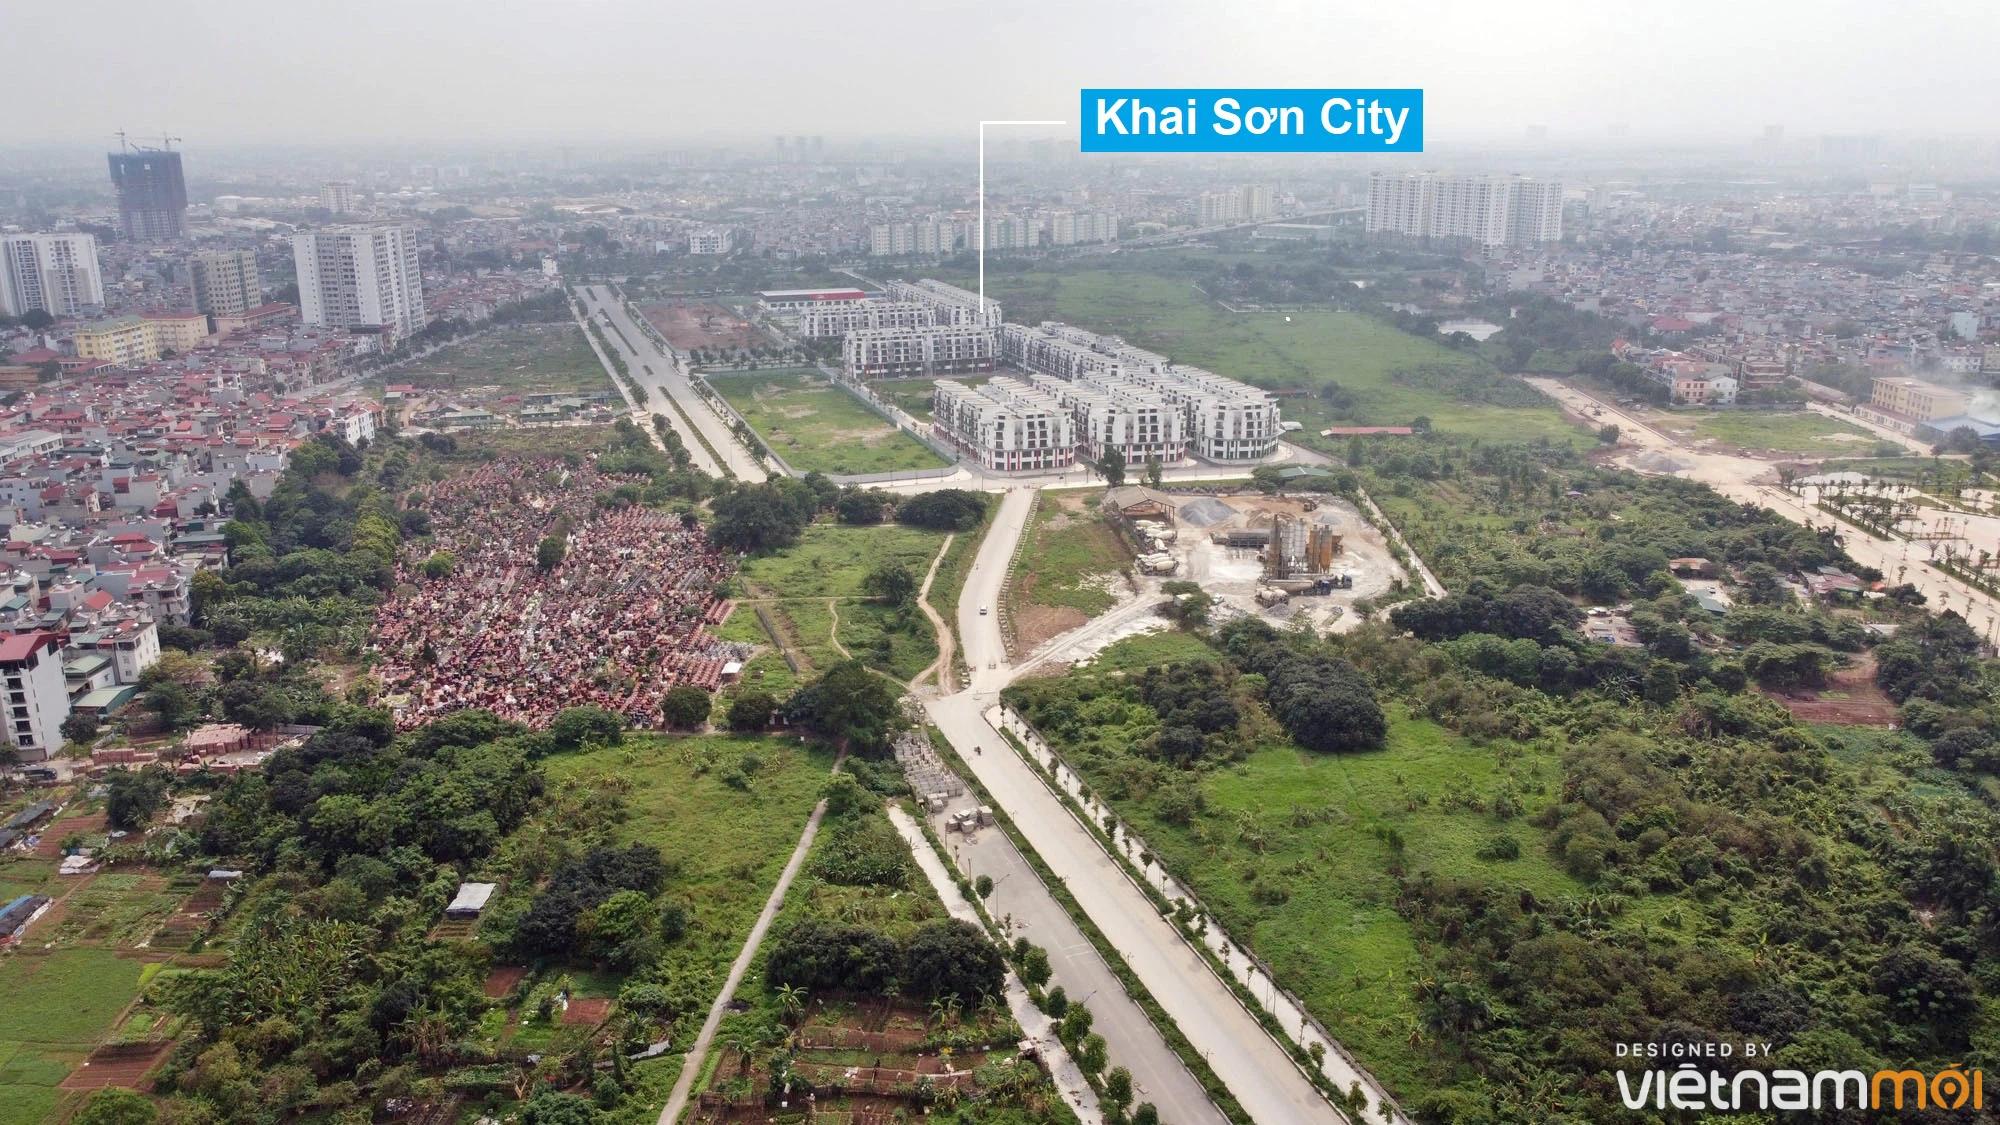 Toàn cảnh đường từ đê Ngọc Thụy đến KĐTM Thượng Thanh đang mở theo quy hoạch ở Hà Nội - Ảnh 3.